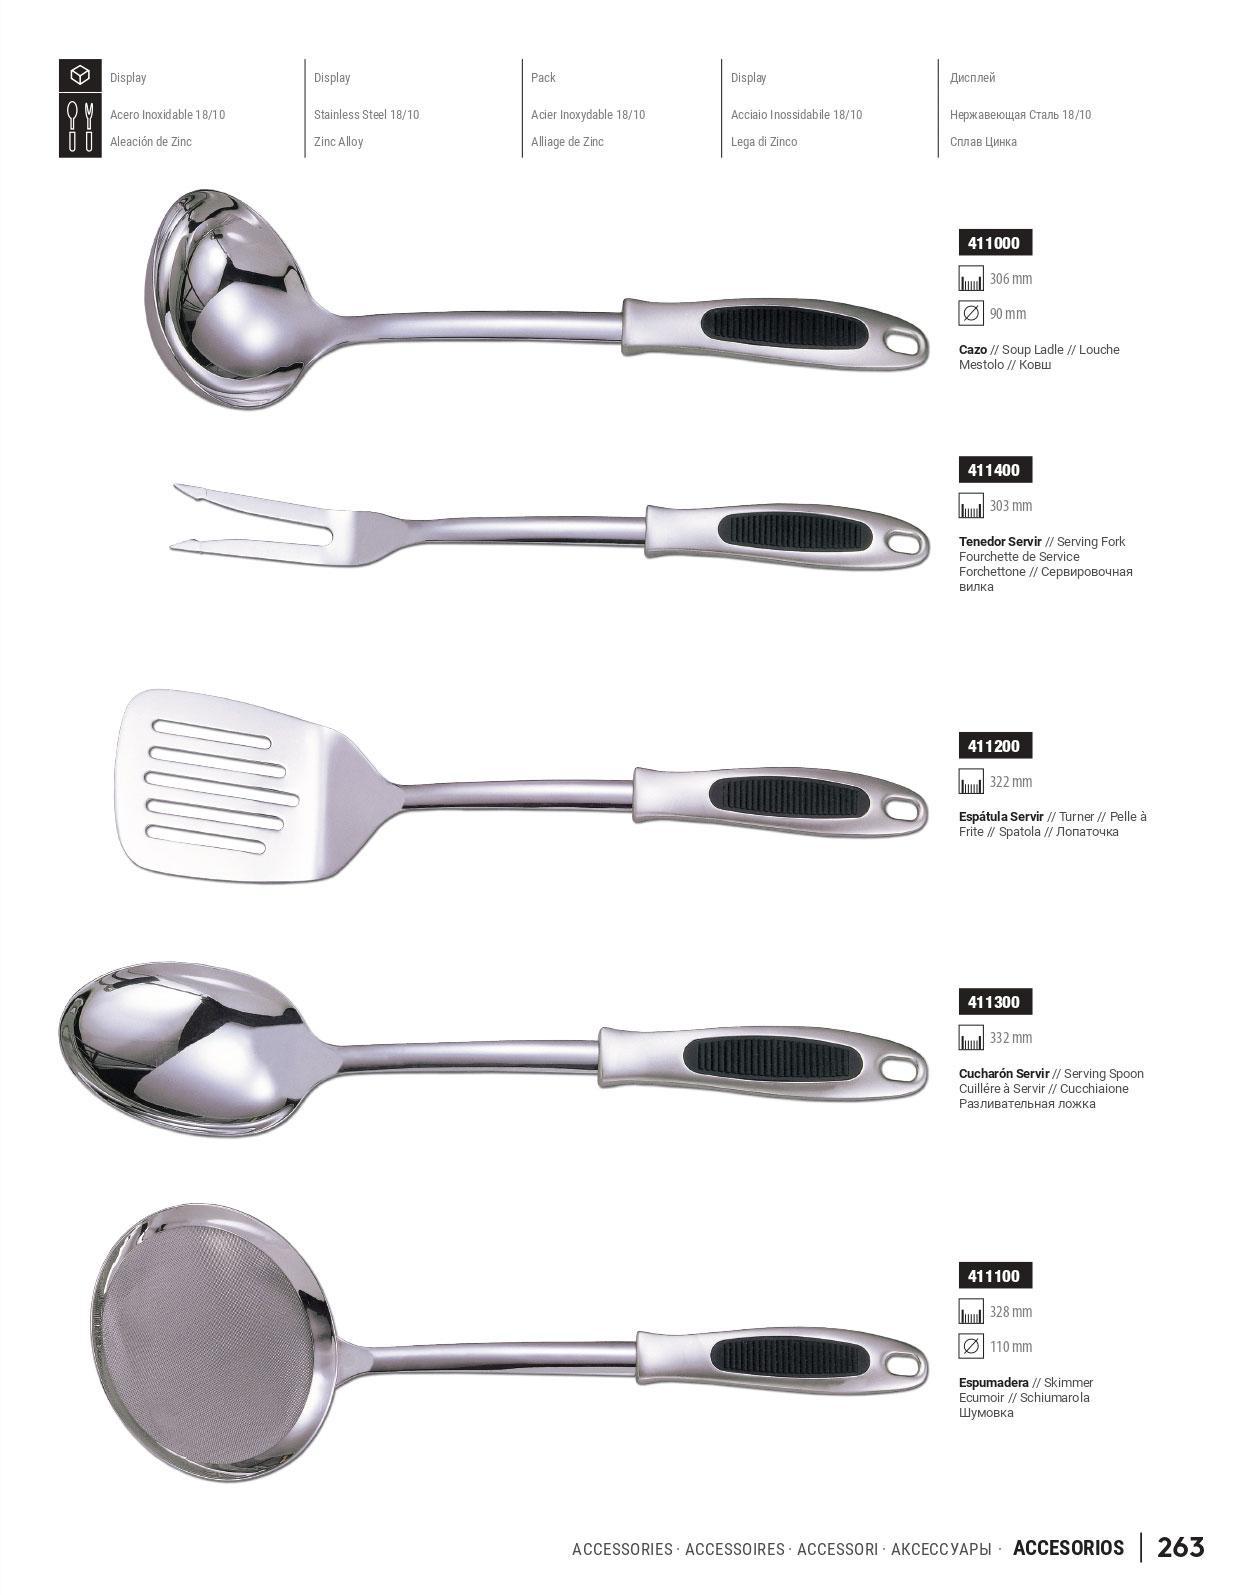 Utensilios de cozinha utensilios varios menaje 2 arcos for Utensilios de menaje